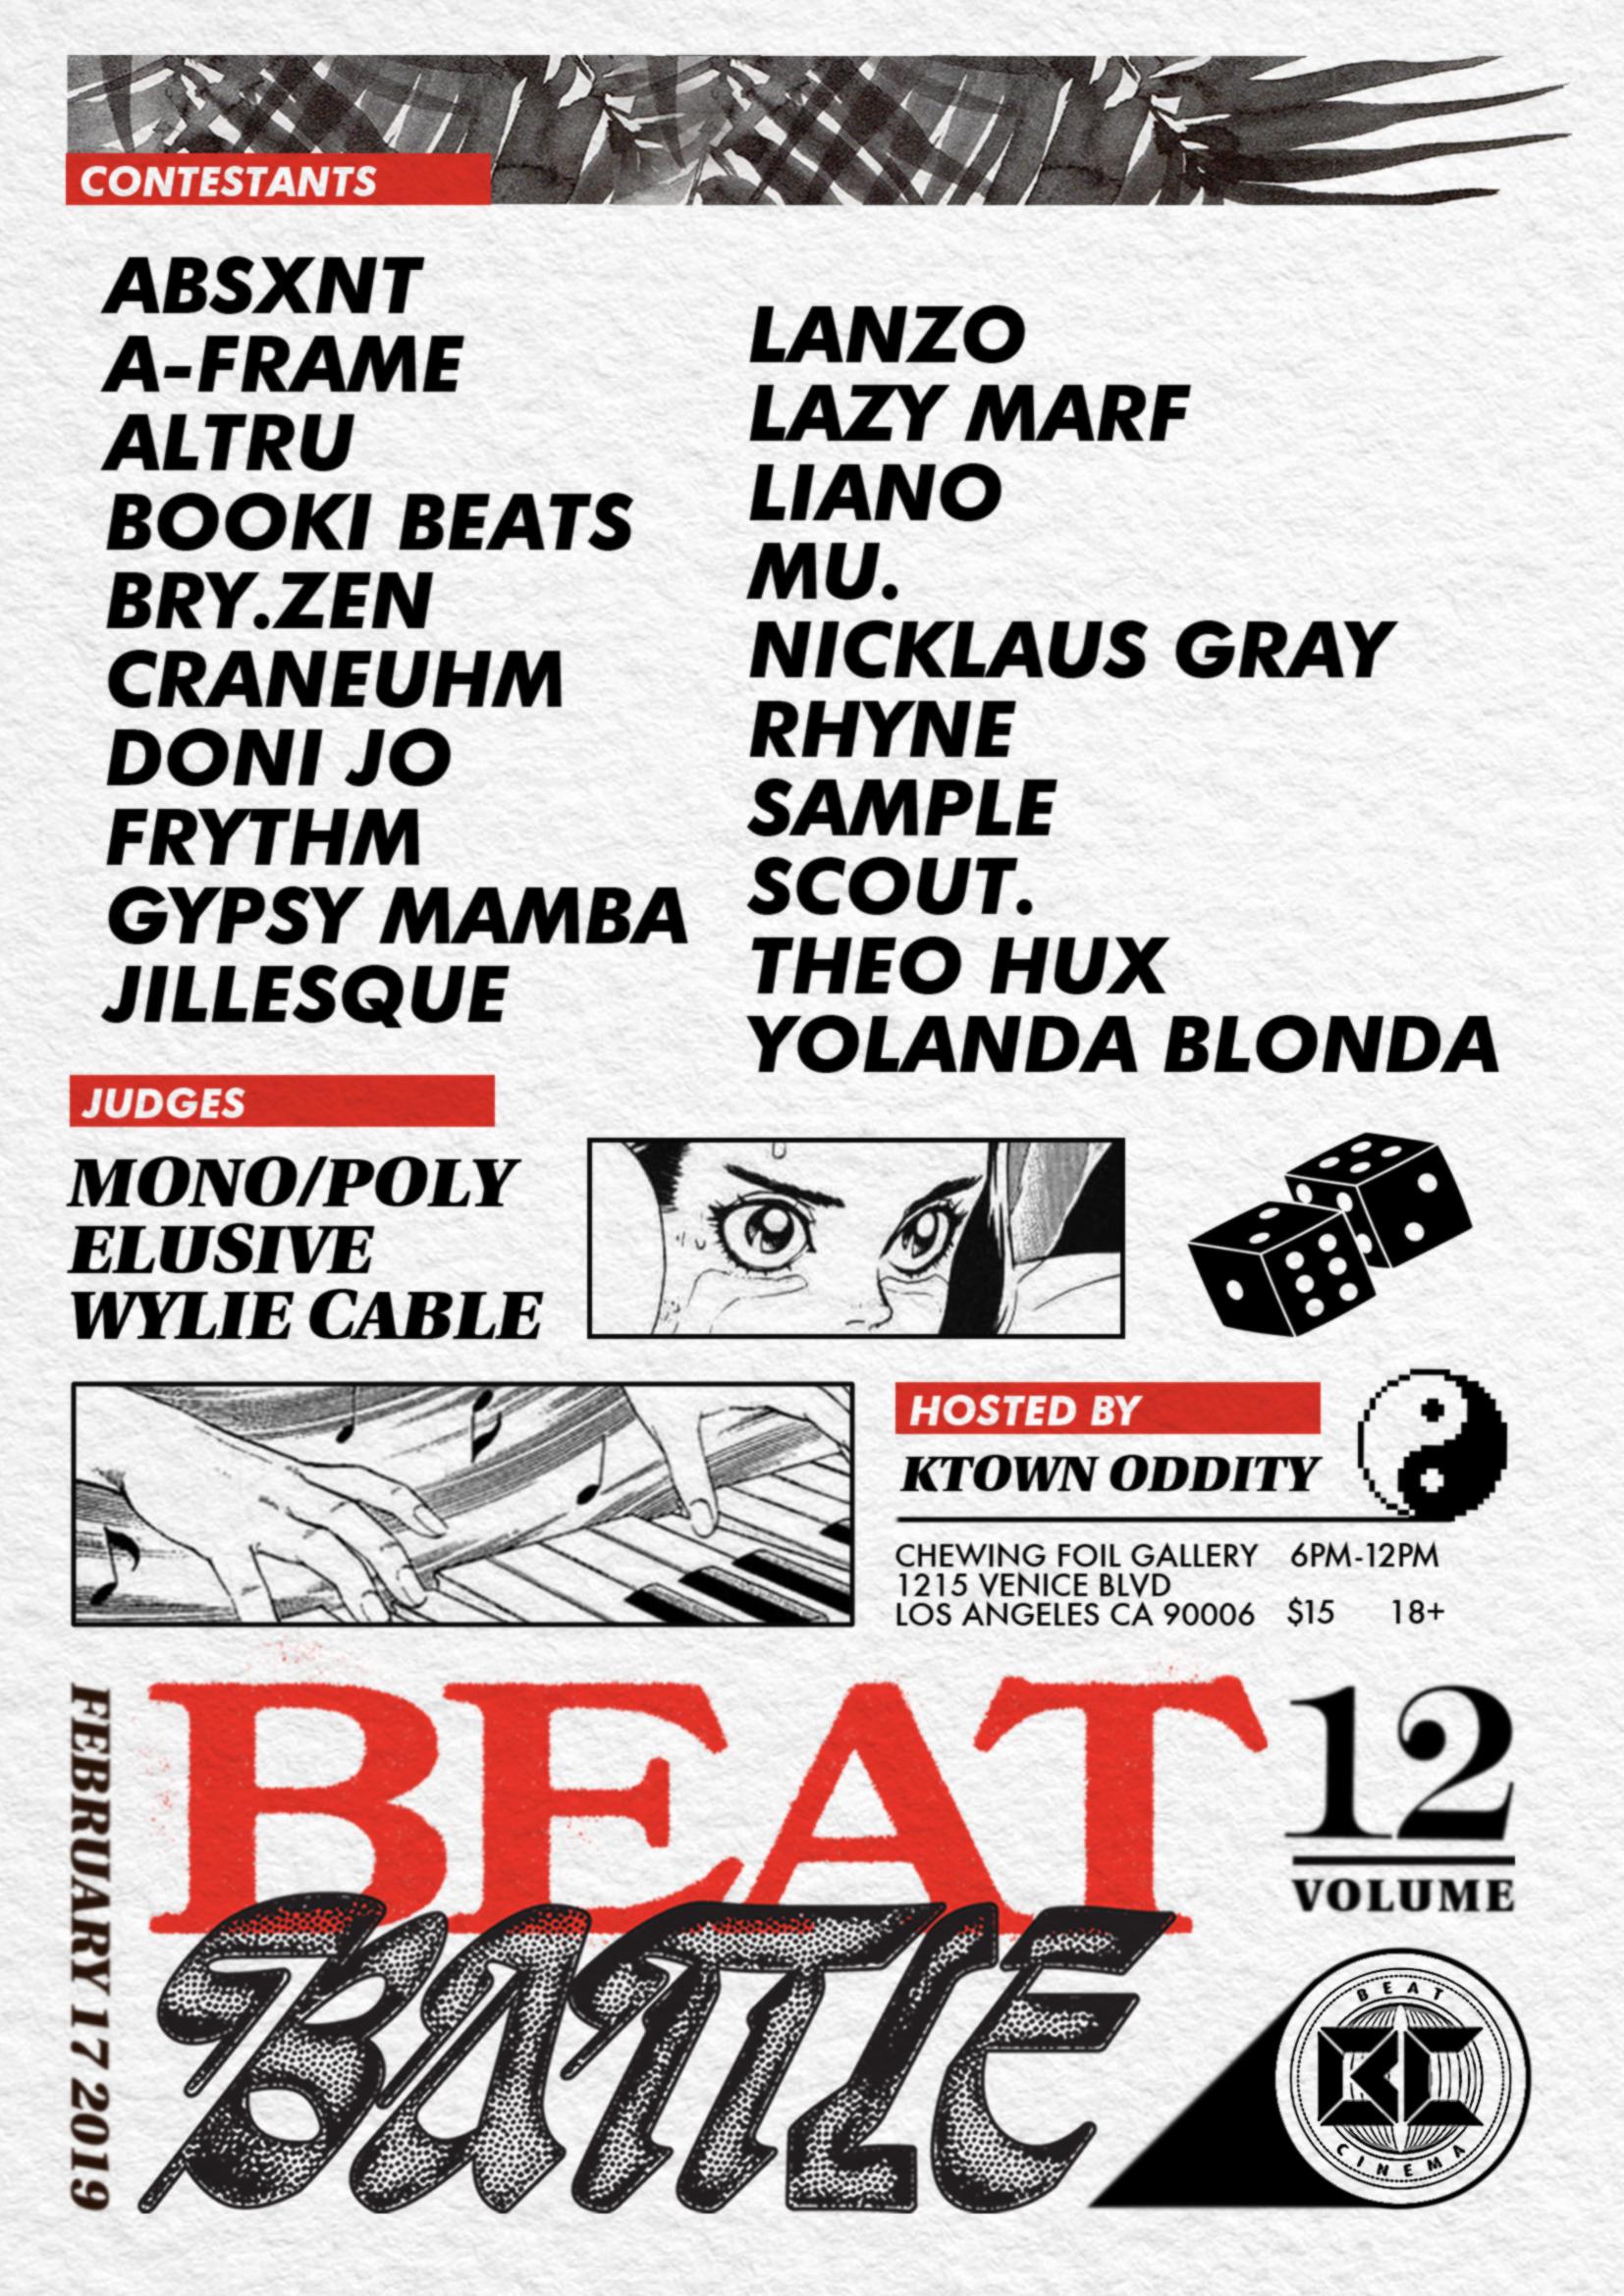 beatbattlefinal2.jpg